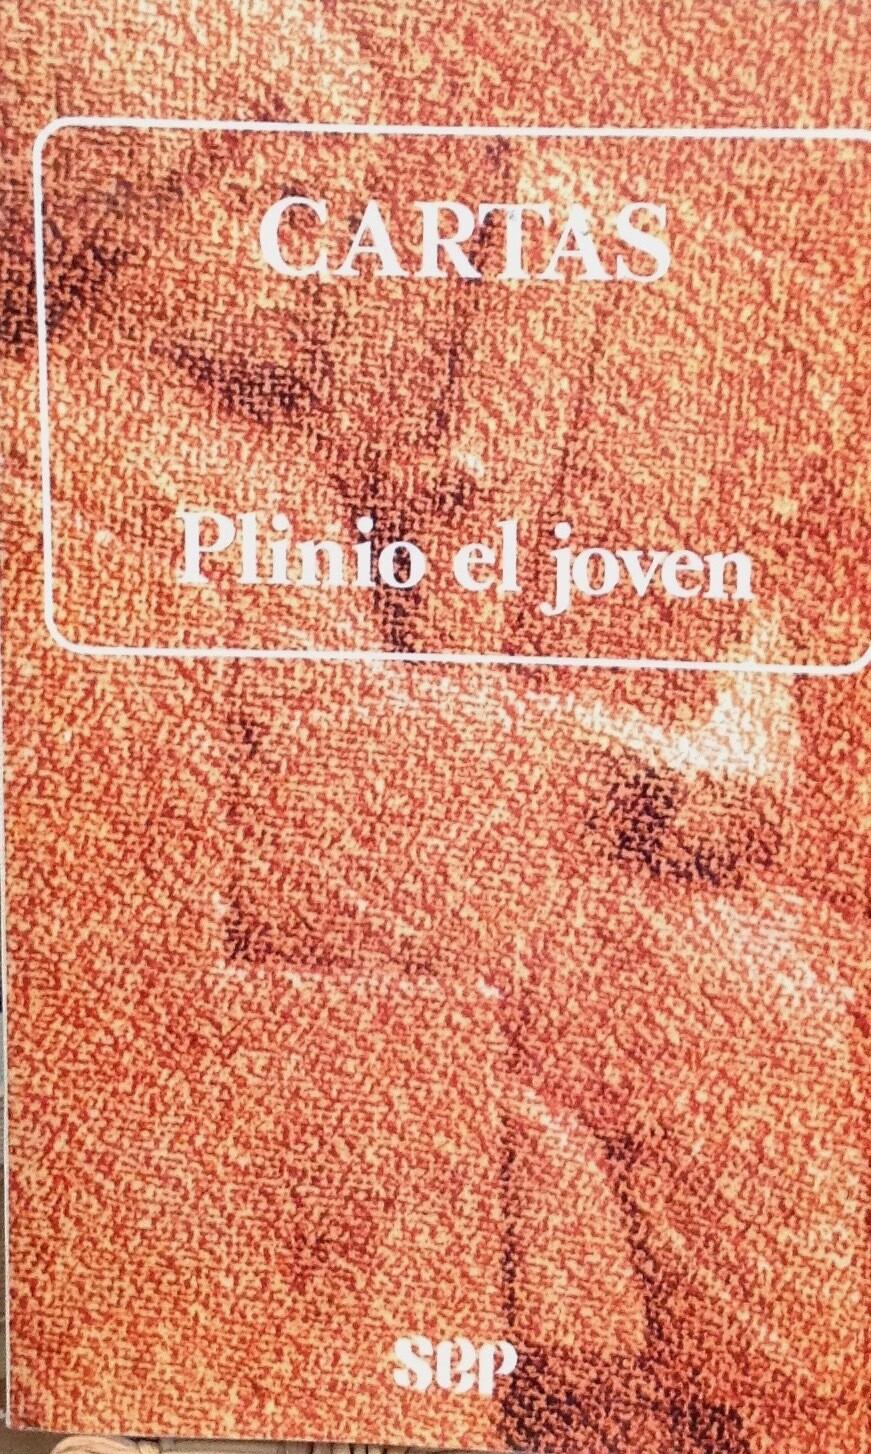 Plinio el Joven, Cartas